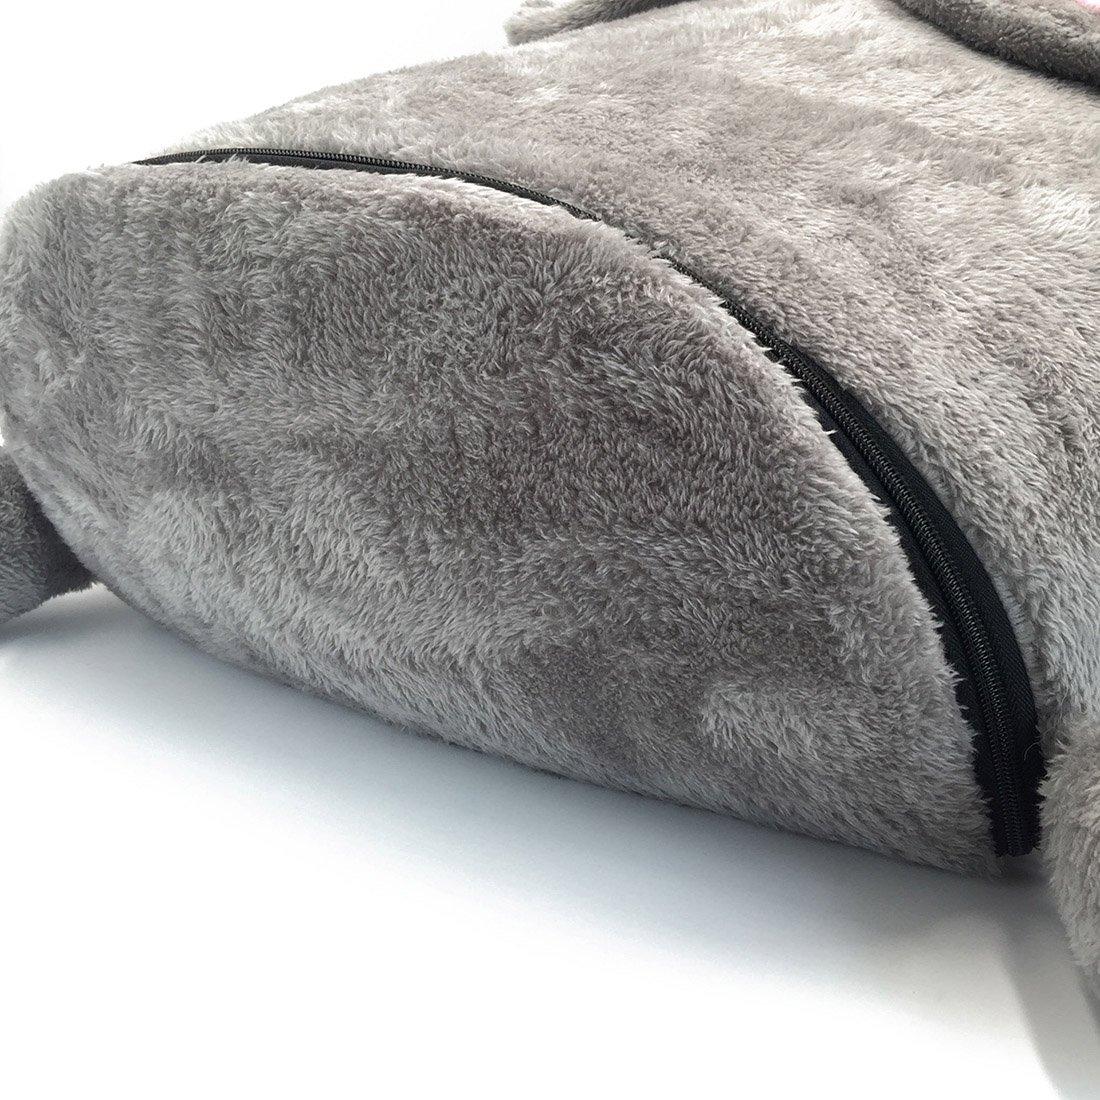 ... Lavable, Desmontable, Calidad Premium, Antideslizante, para Cama de Mascotas, Fundas de Cojín para caseta de Gato: Amazon.es: Productos para mascotas